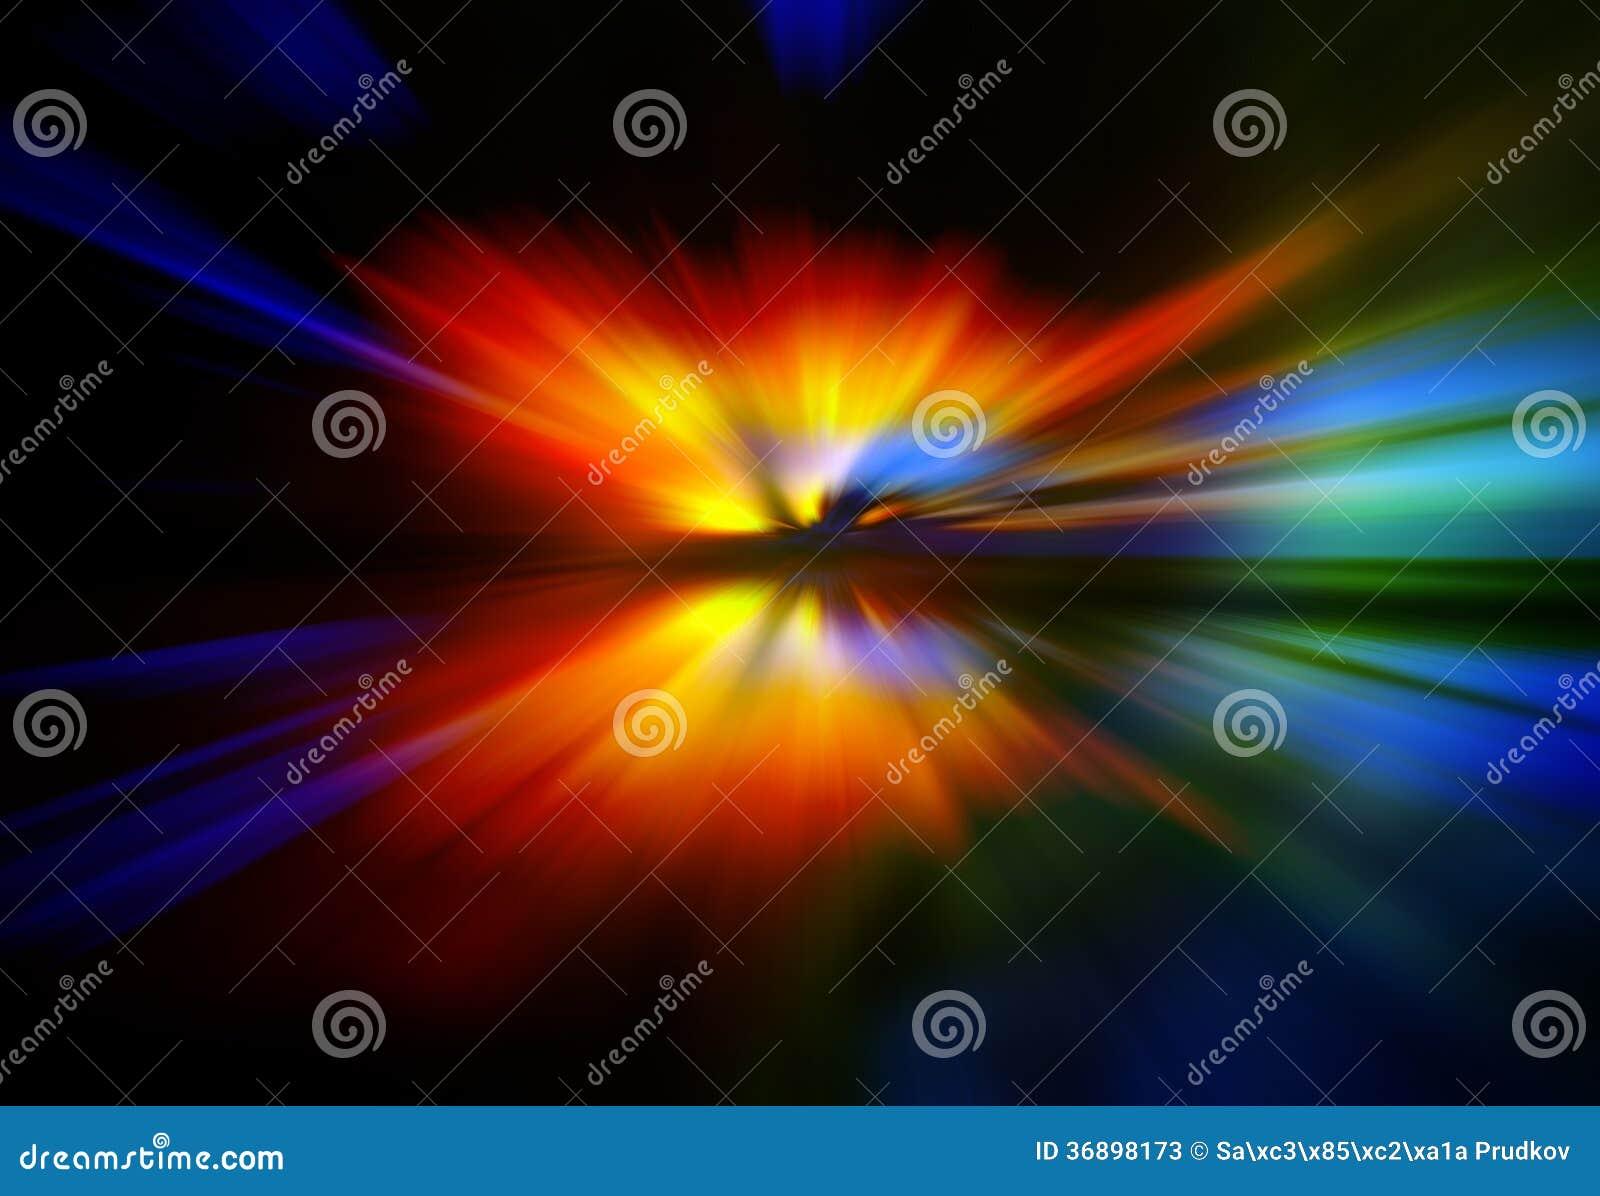 Fondo Fondos Abstractos Rojo Y Amarillo: Fondo Abstracto En Rojo, Amarillo, Verde Y Azul Stock De